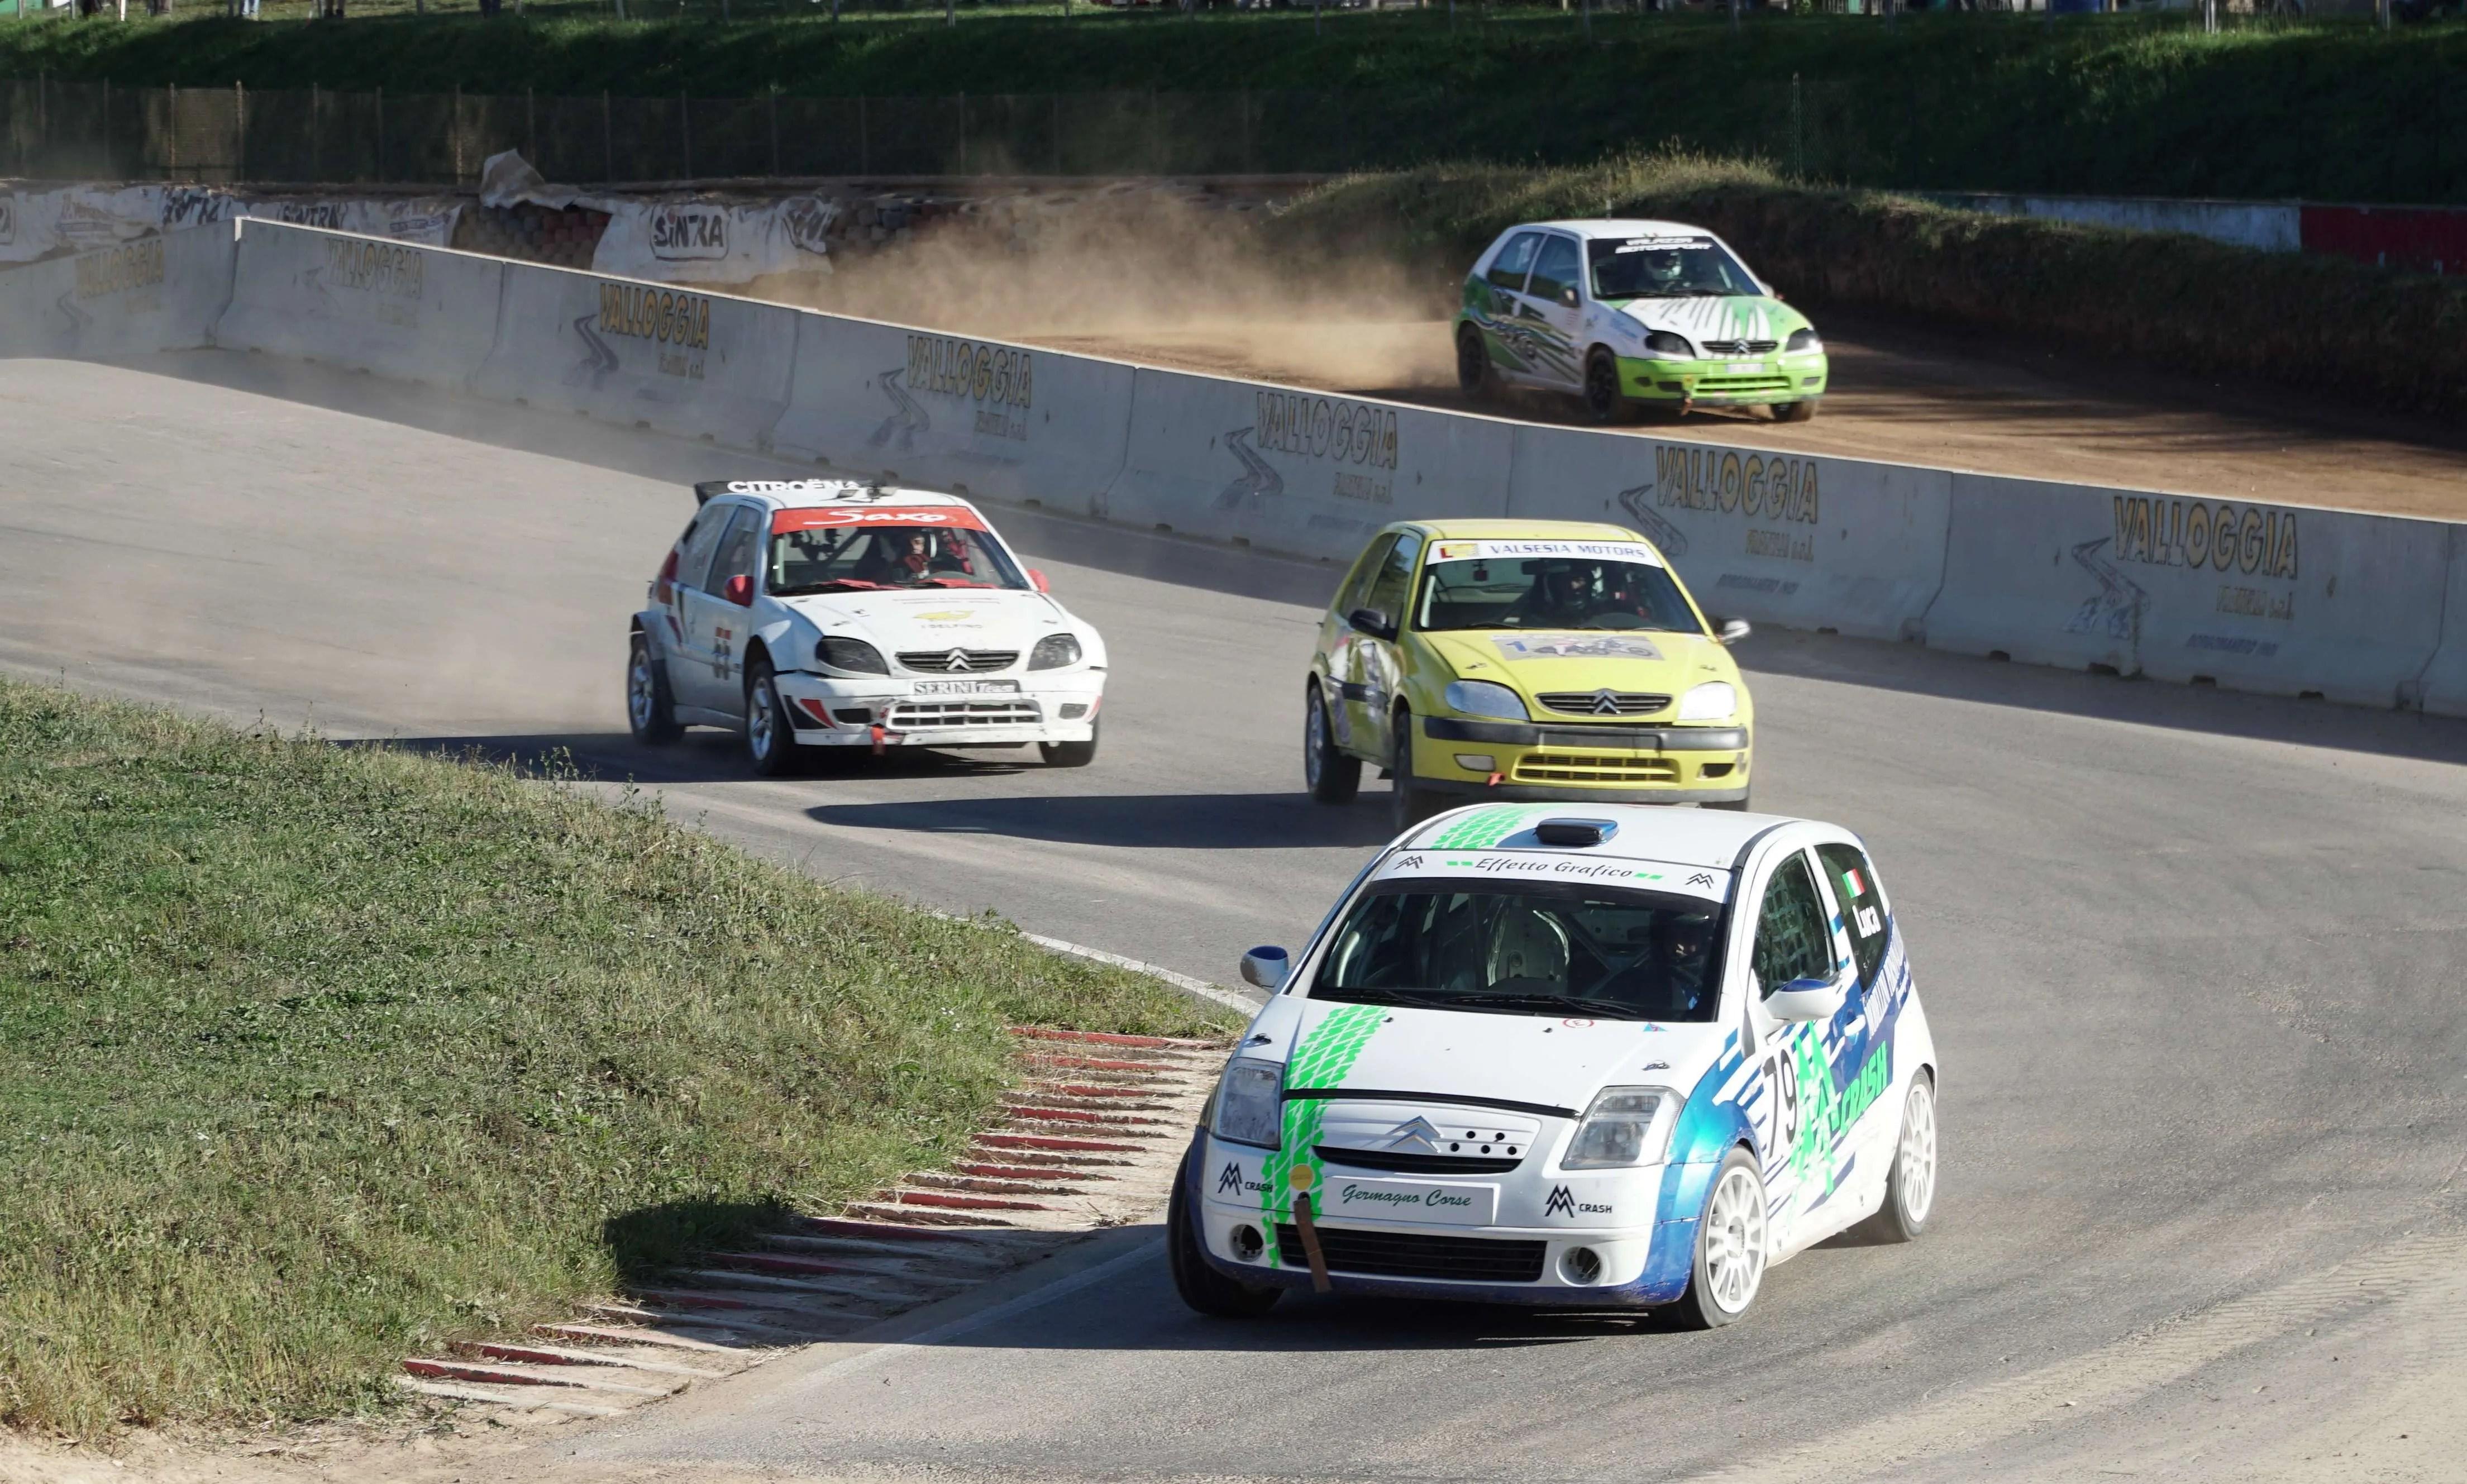 Campionato Italiano Rallycross, un finale ricco di colpi di scena – aggiornamento